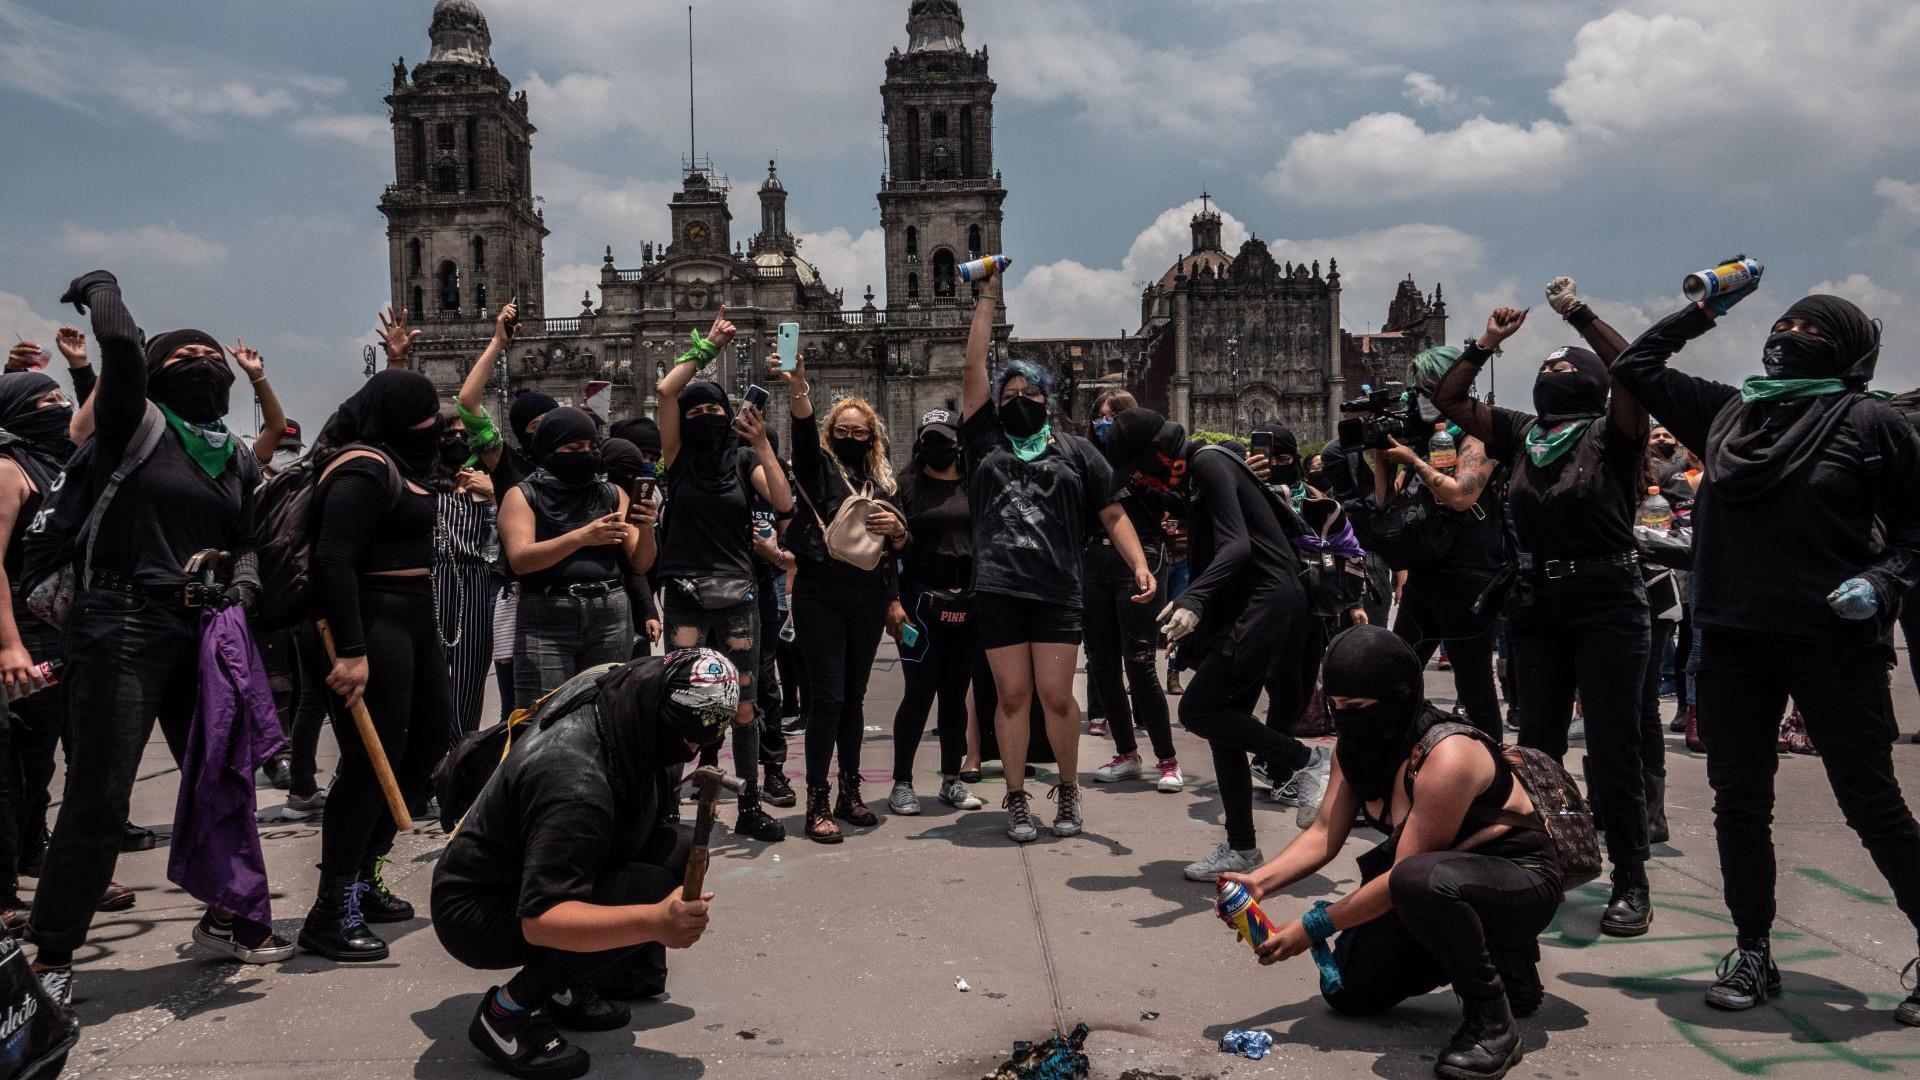 El contingente partió de Monumento a la Revolución hasta la plancha del Zócalo Capitalino, en el transcurso hubo percances entre manifestantes y elementos de seguridad (Foto: Cuartoscuro)